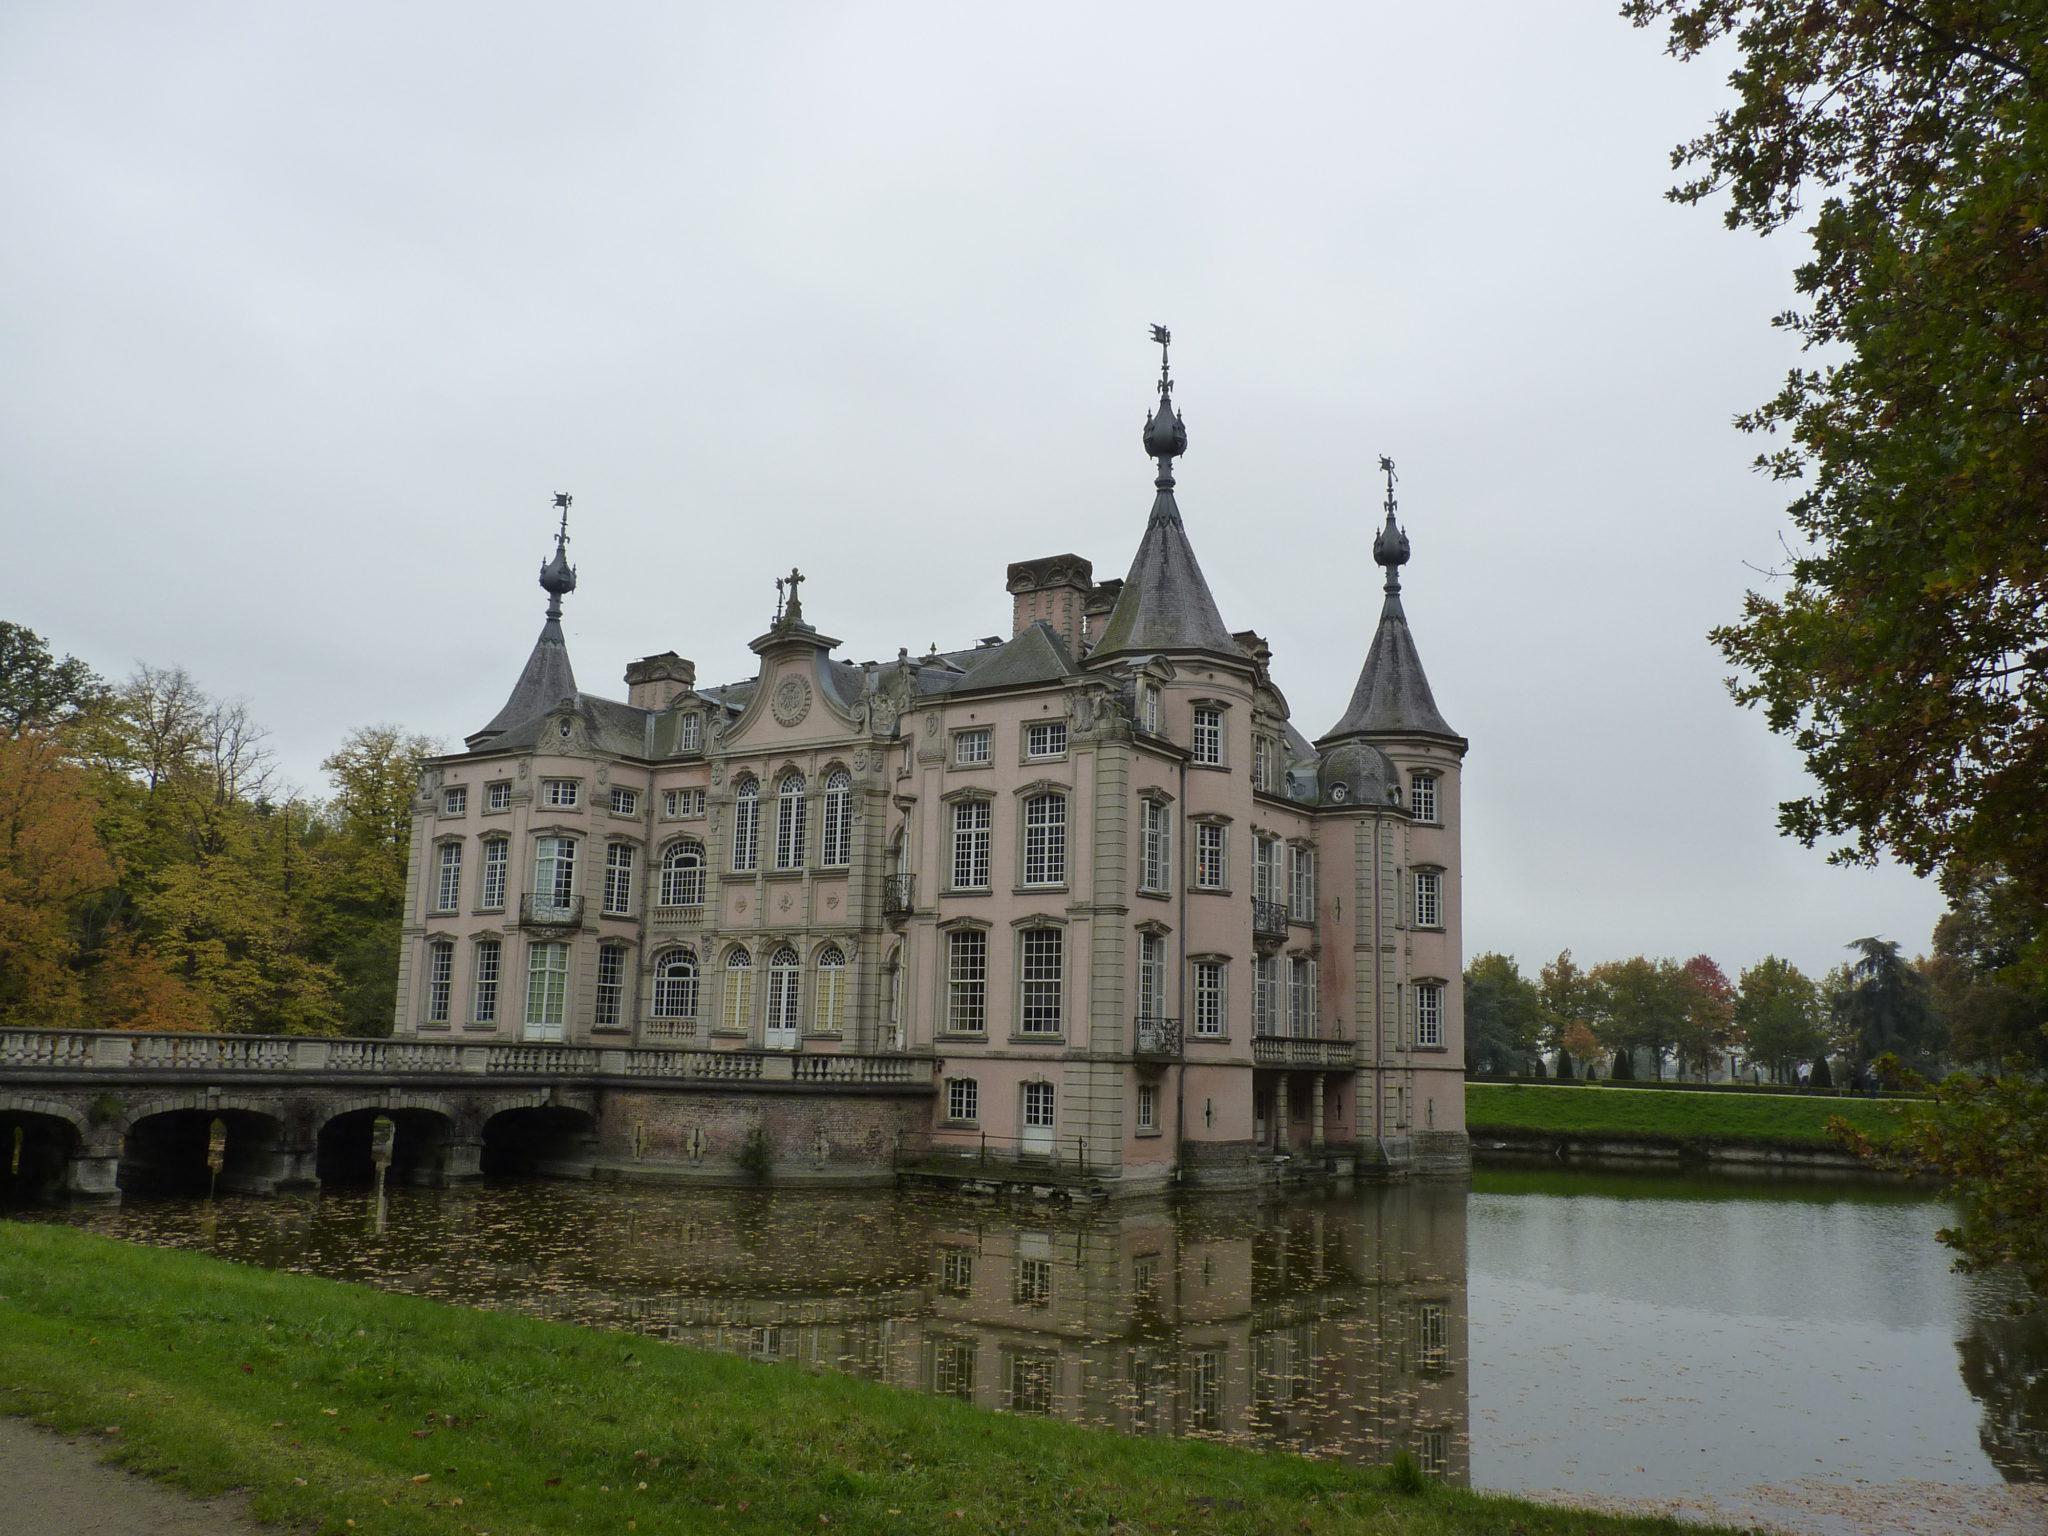 Geniet van een korte wandeling rond het kasteel van Poeke.